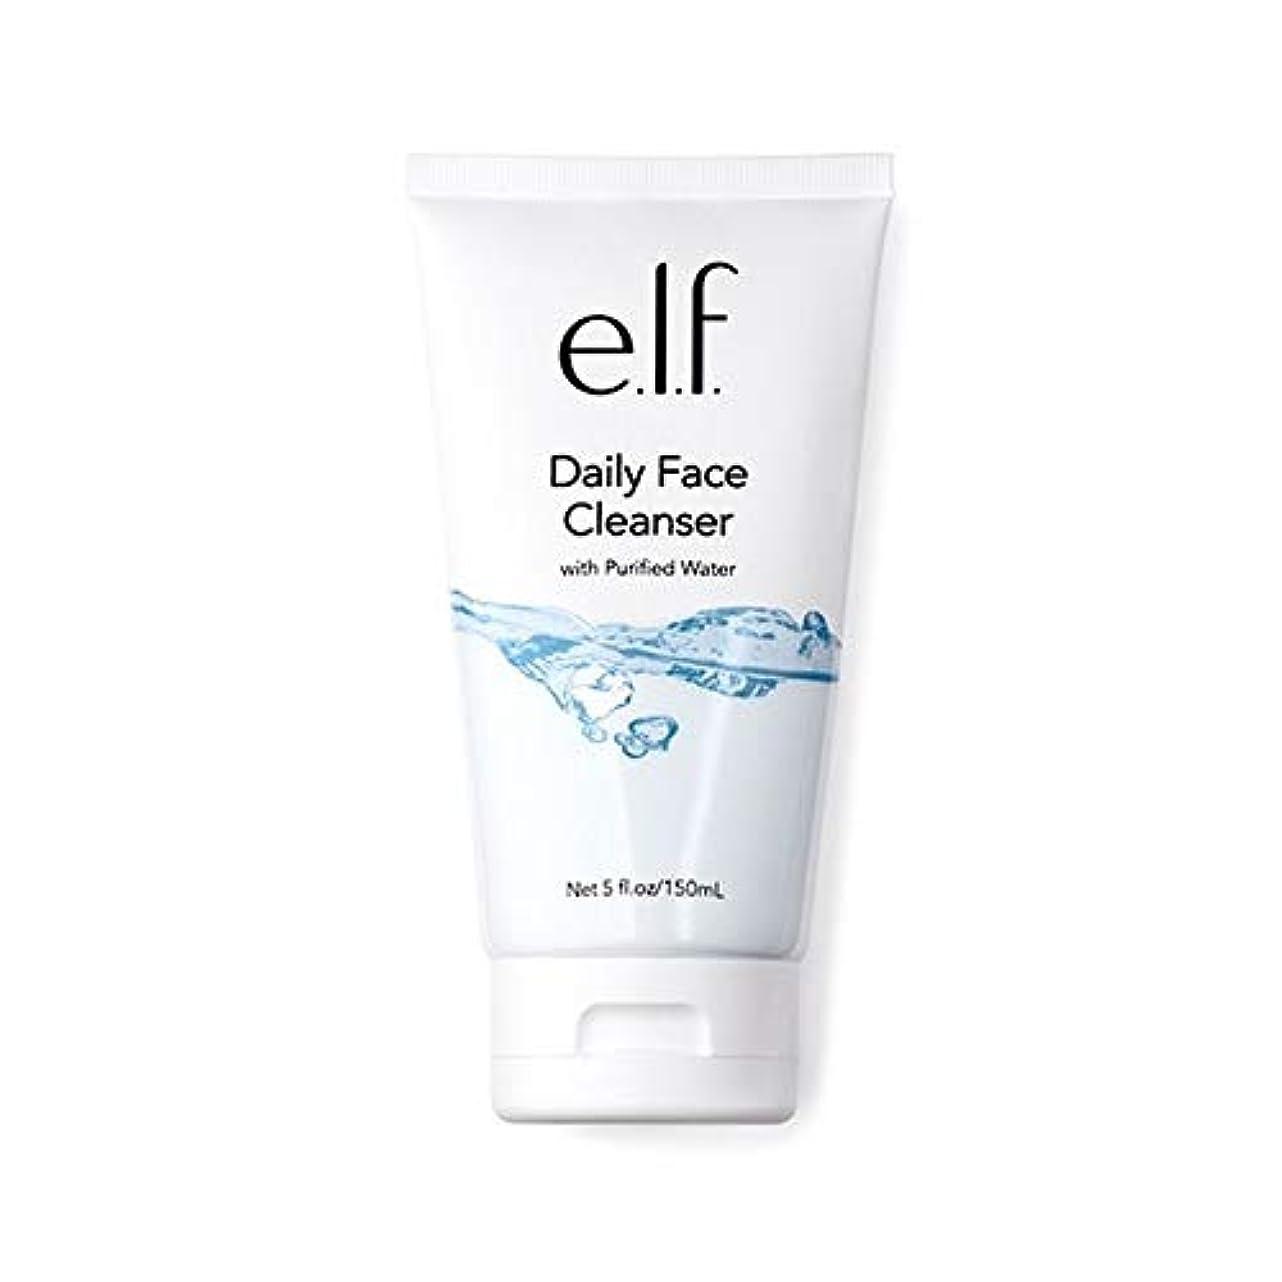 結晶生き物アレルギー[Elf ] エルフ。毎日顔クレンザー150ミリリットル - e.l.f. Daily Face Cleanser 150ml [並行輸入品]